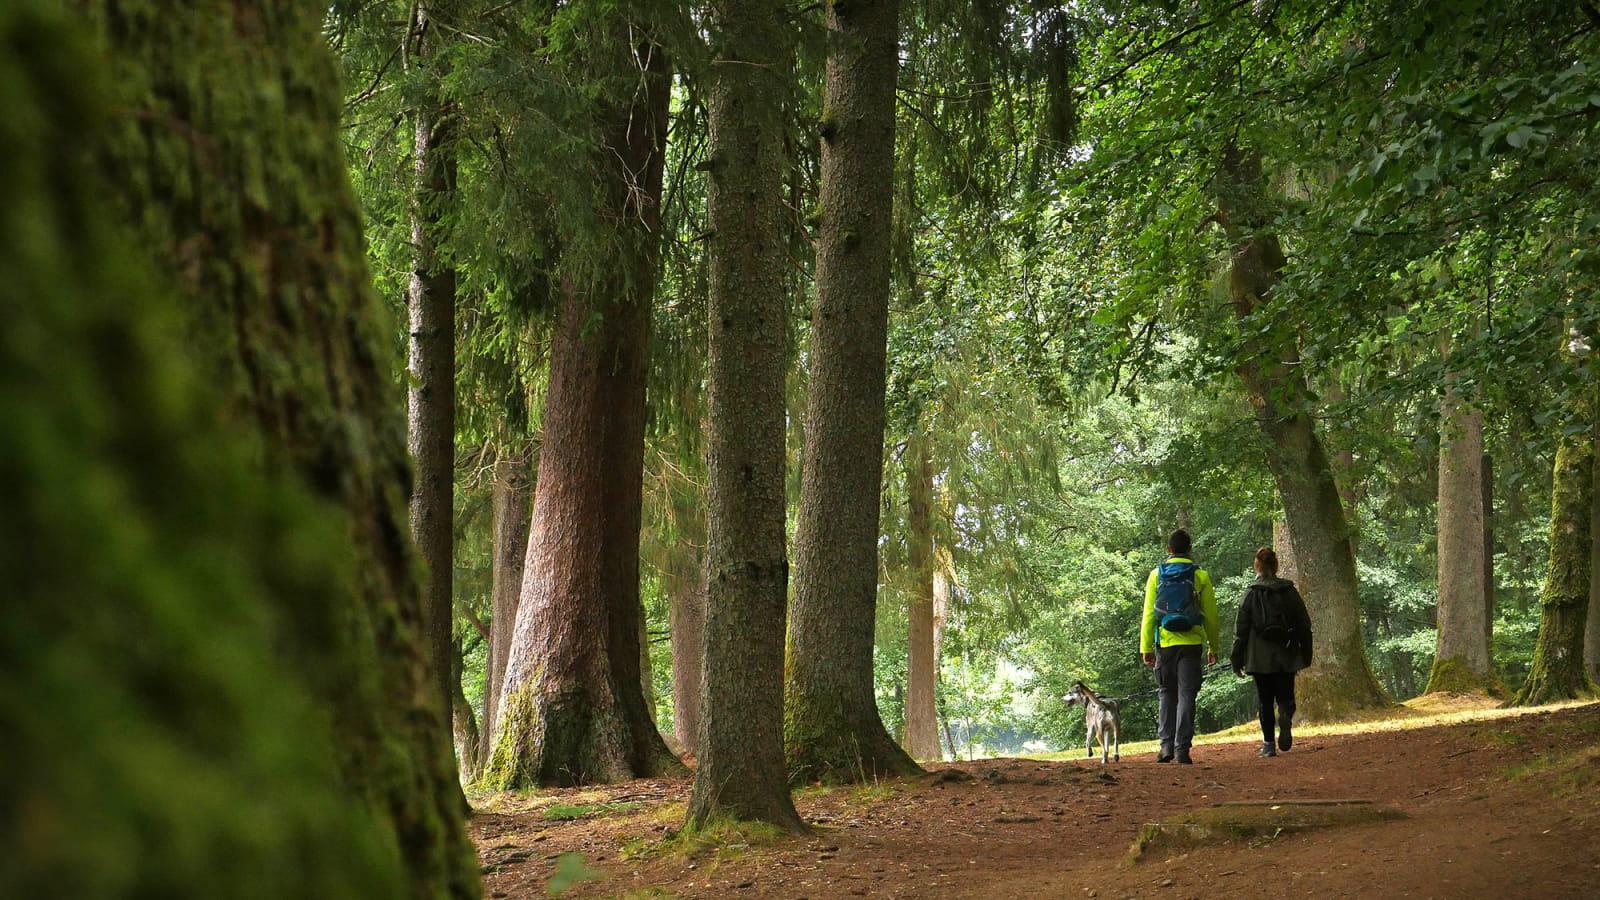 Randonnée dans la forêt du Morvan